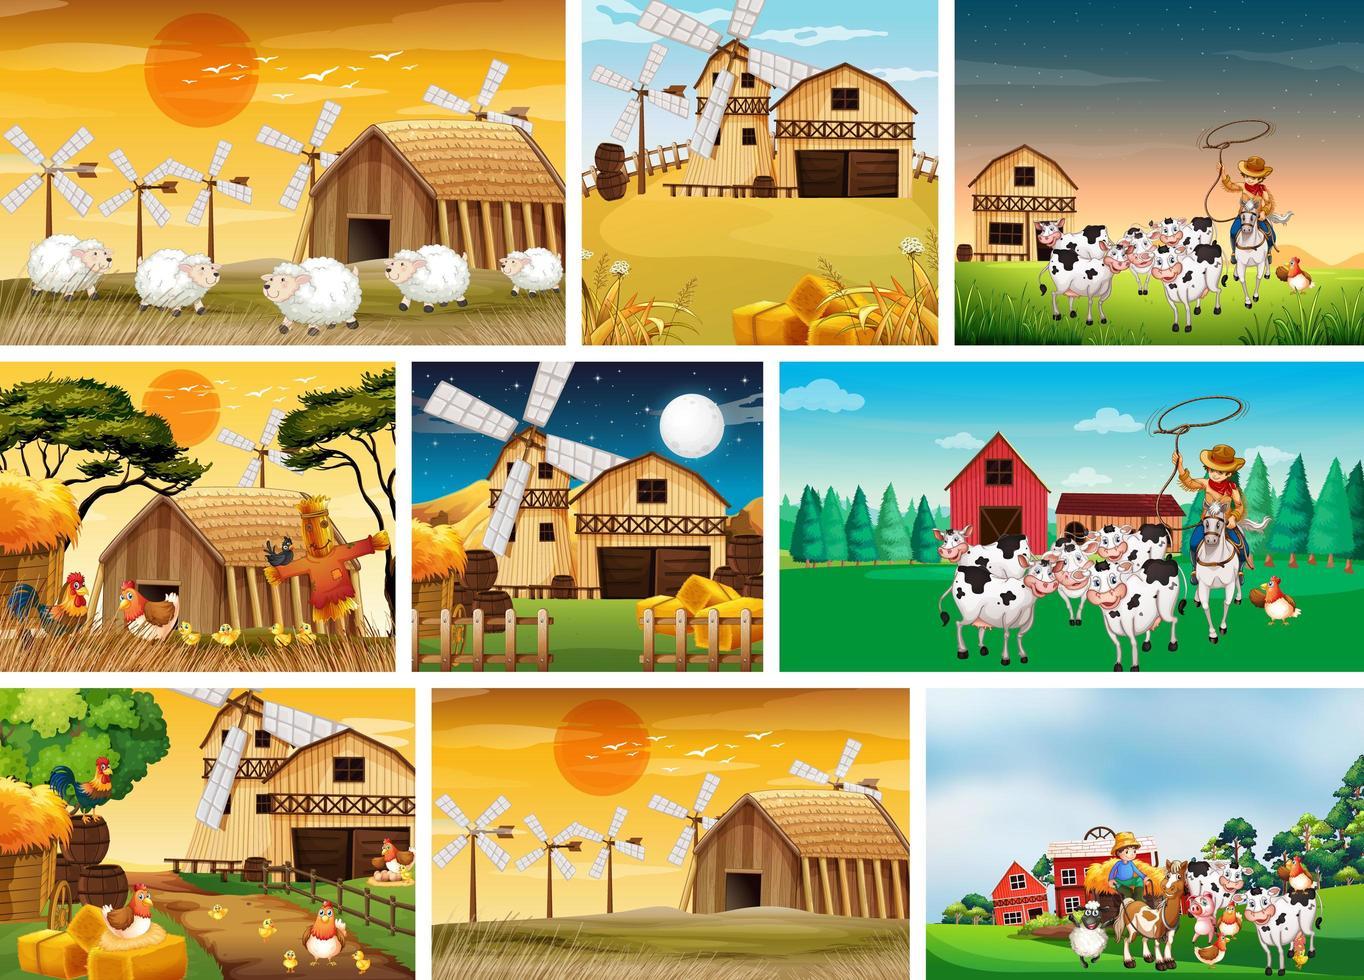 conjunto de escenas de la granja. vector